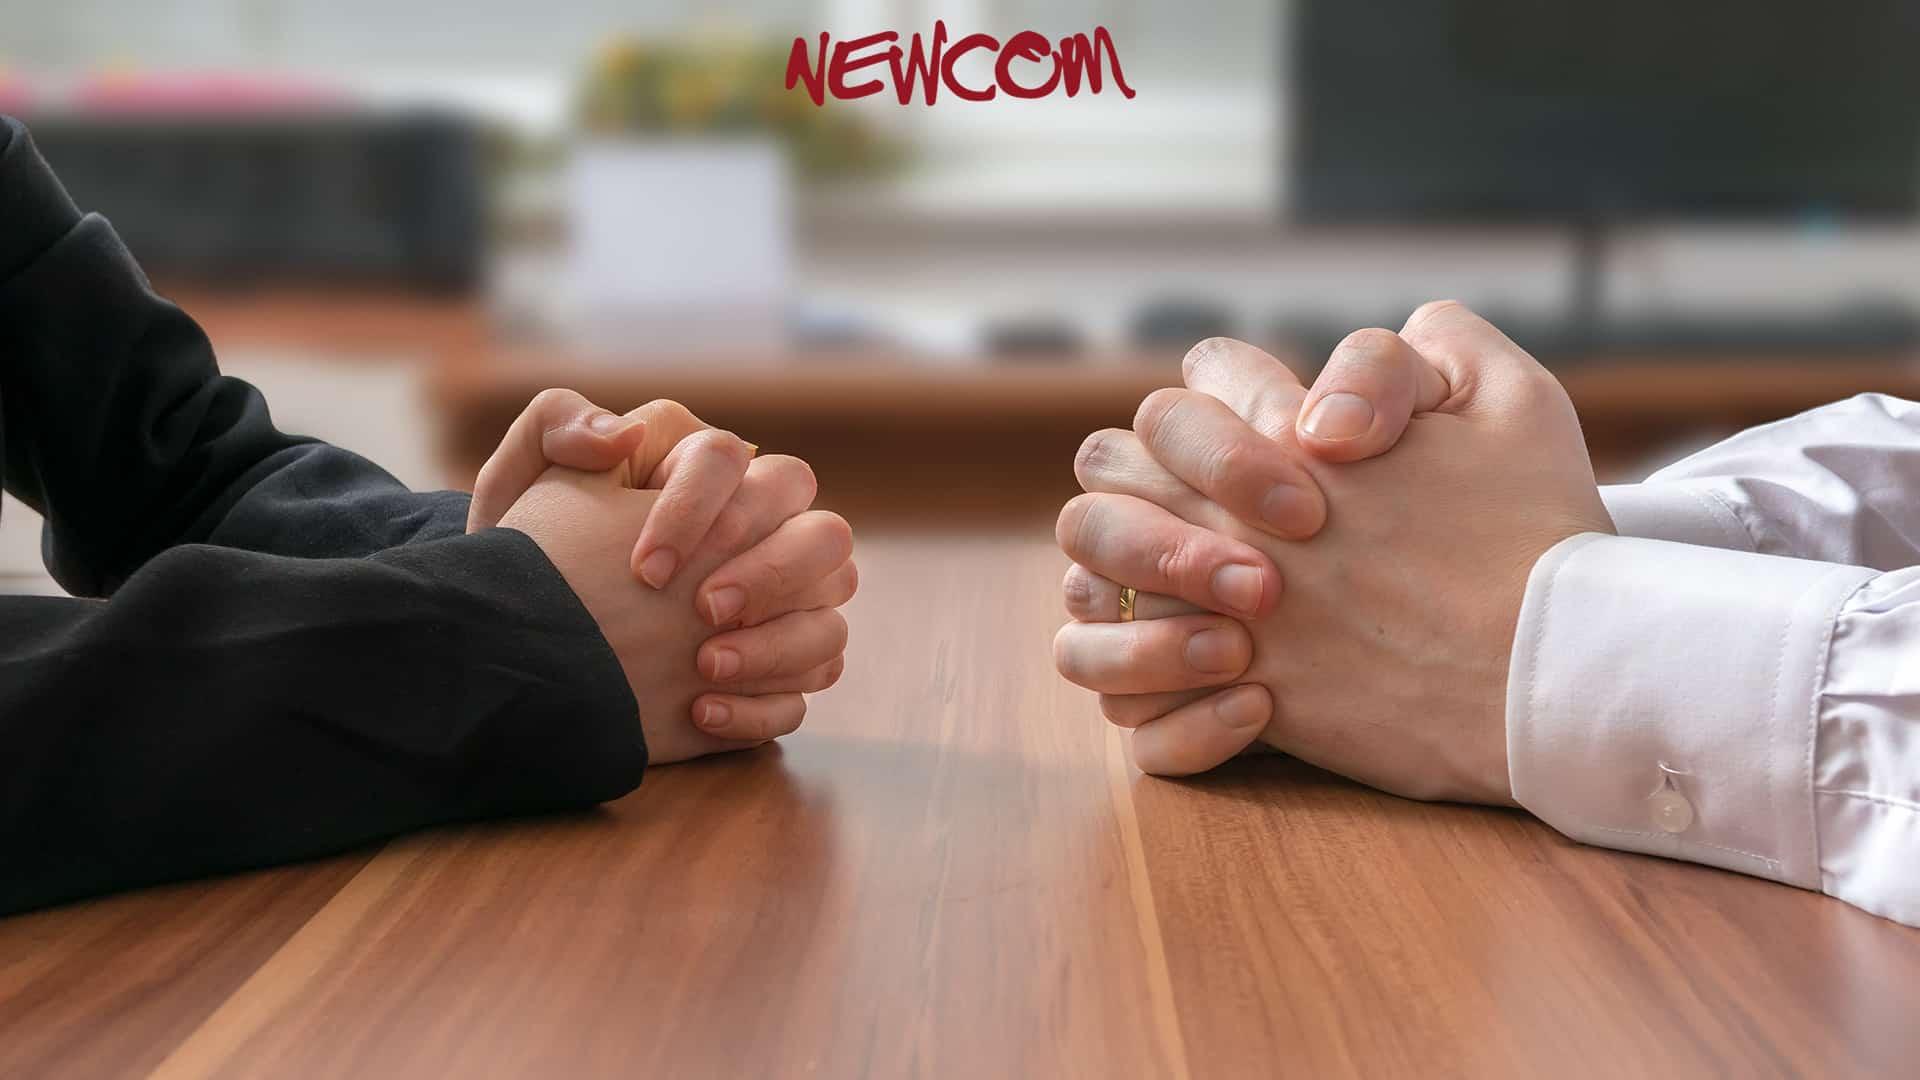 Newcom Consulting - Corsi - Negoziazione e gestione conflitti - Thumb - 2